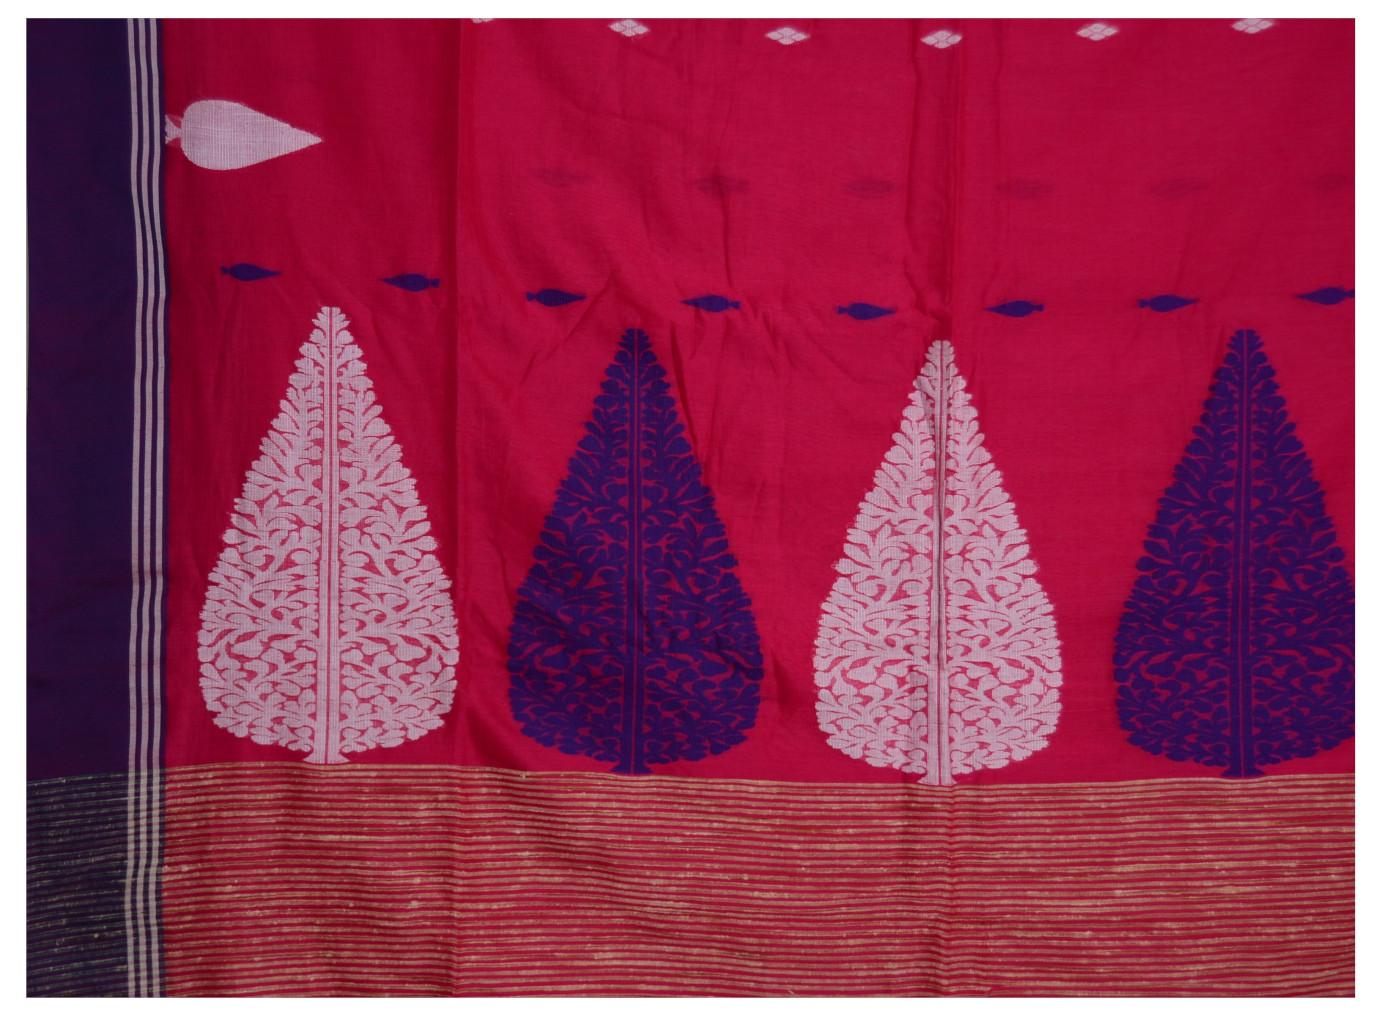 Bengal Handloom Pure Cotton Hand Embroidered Butta Work Saree Dark Pink : Picture